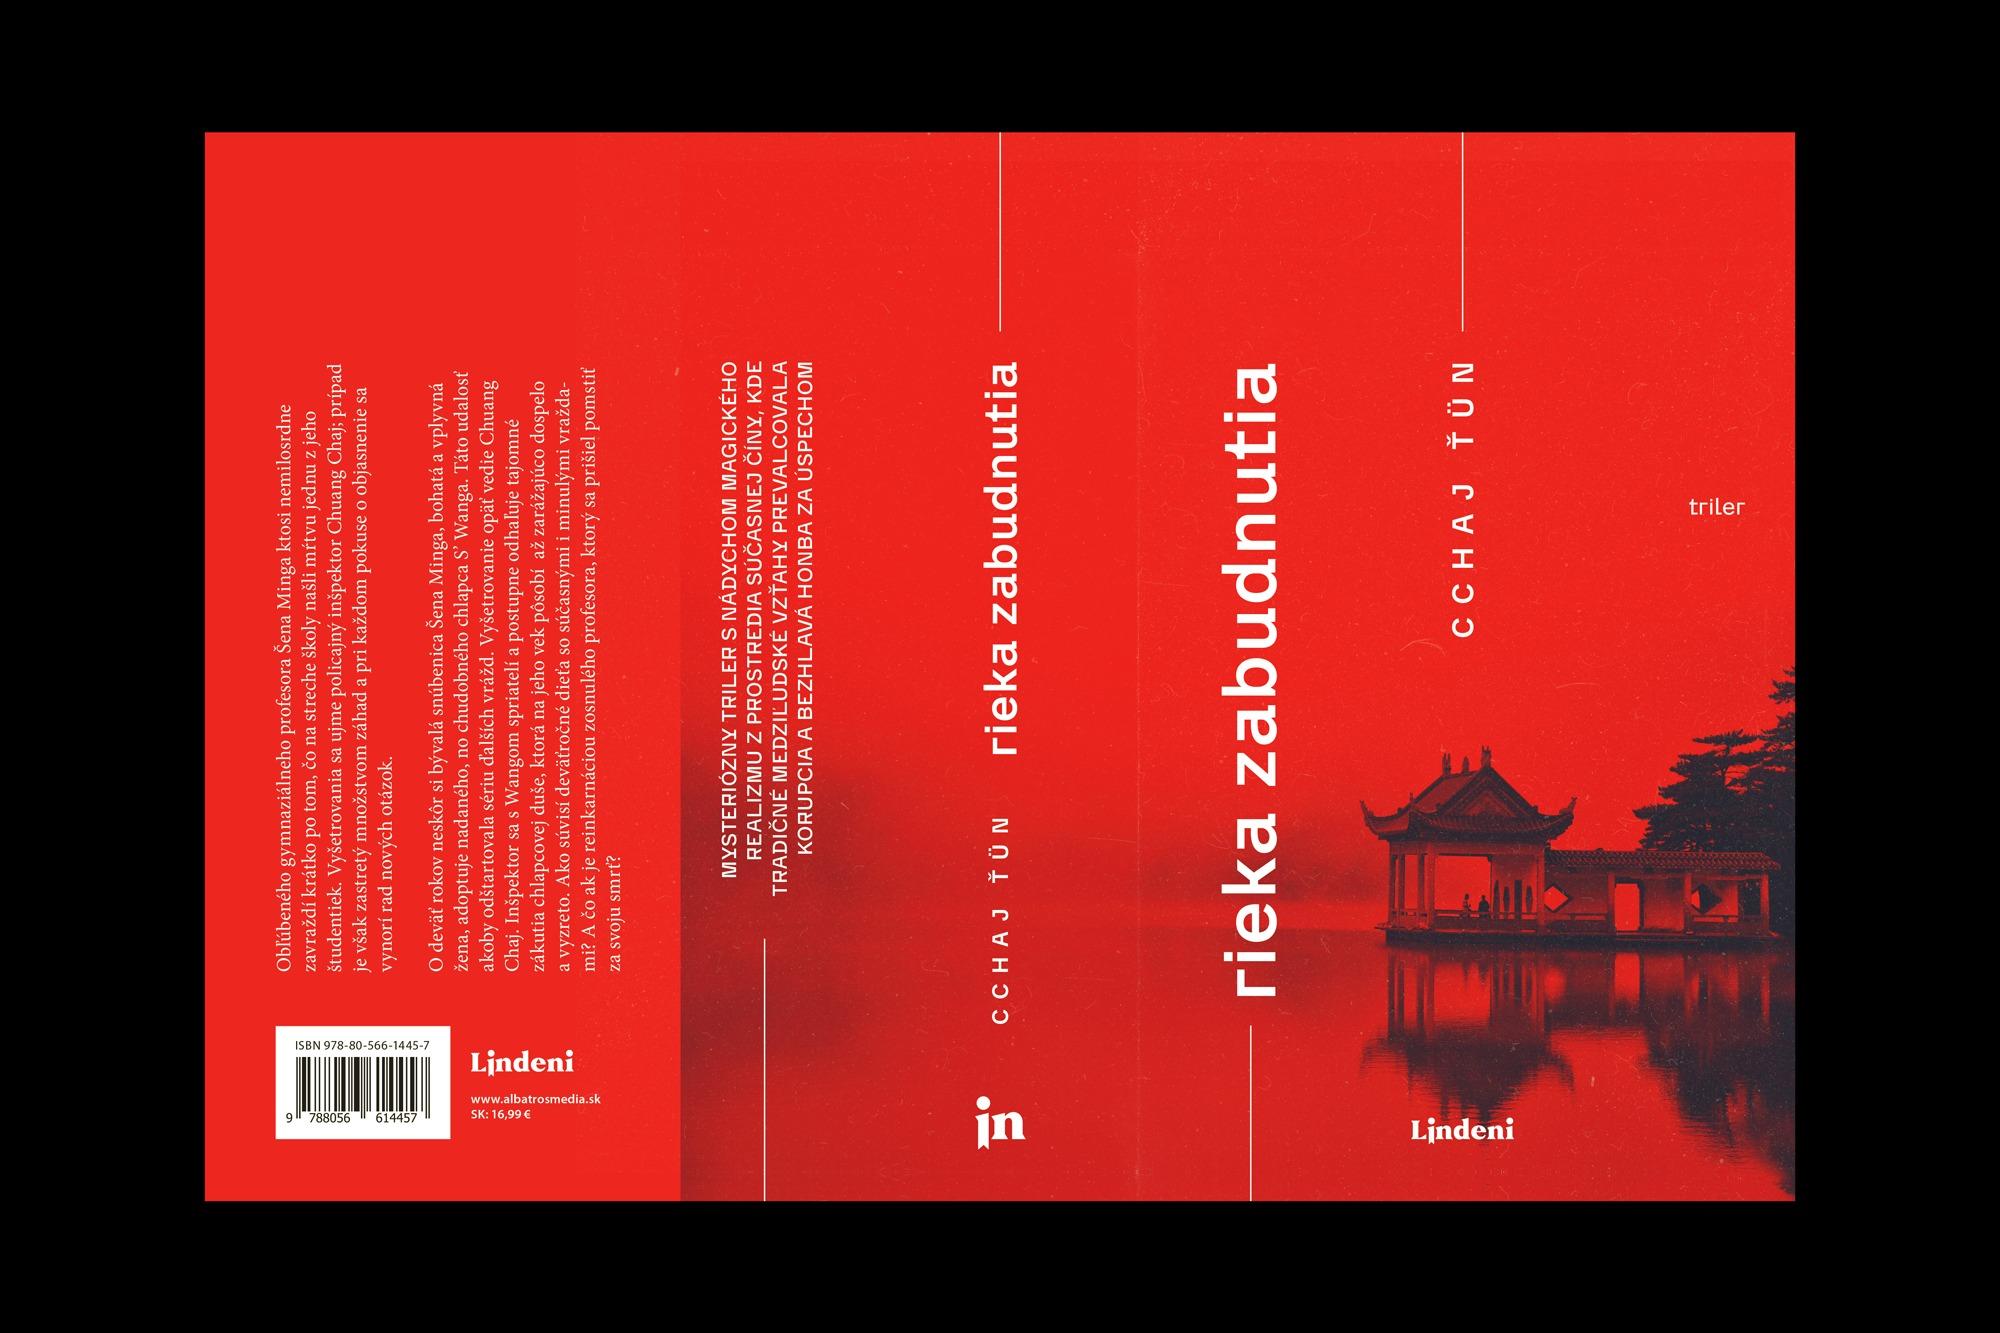 19_LINDENI_COVER_3_1_EDIT